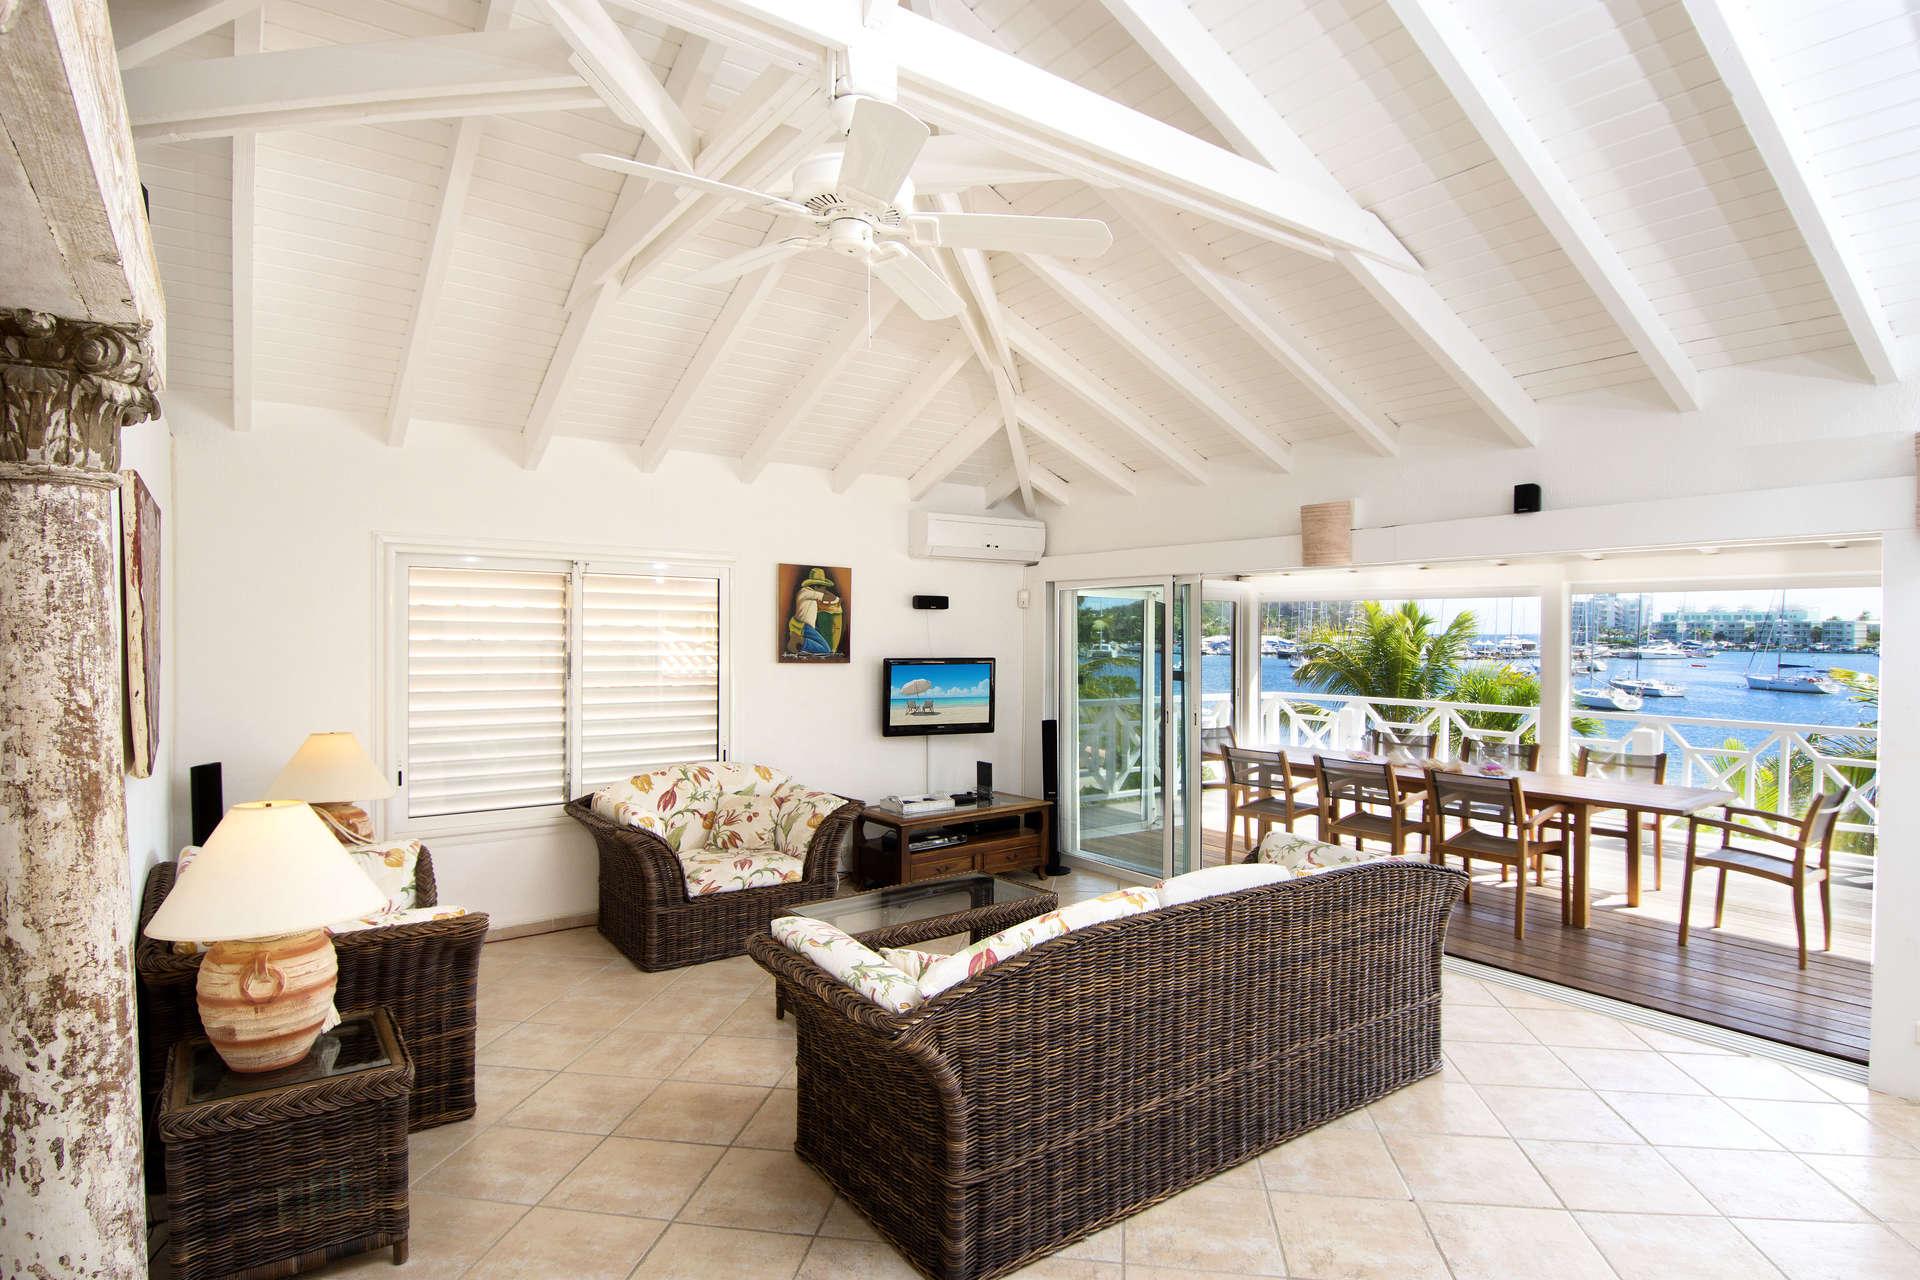 - Villa Coralita - Image 1/19